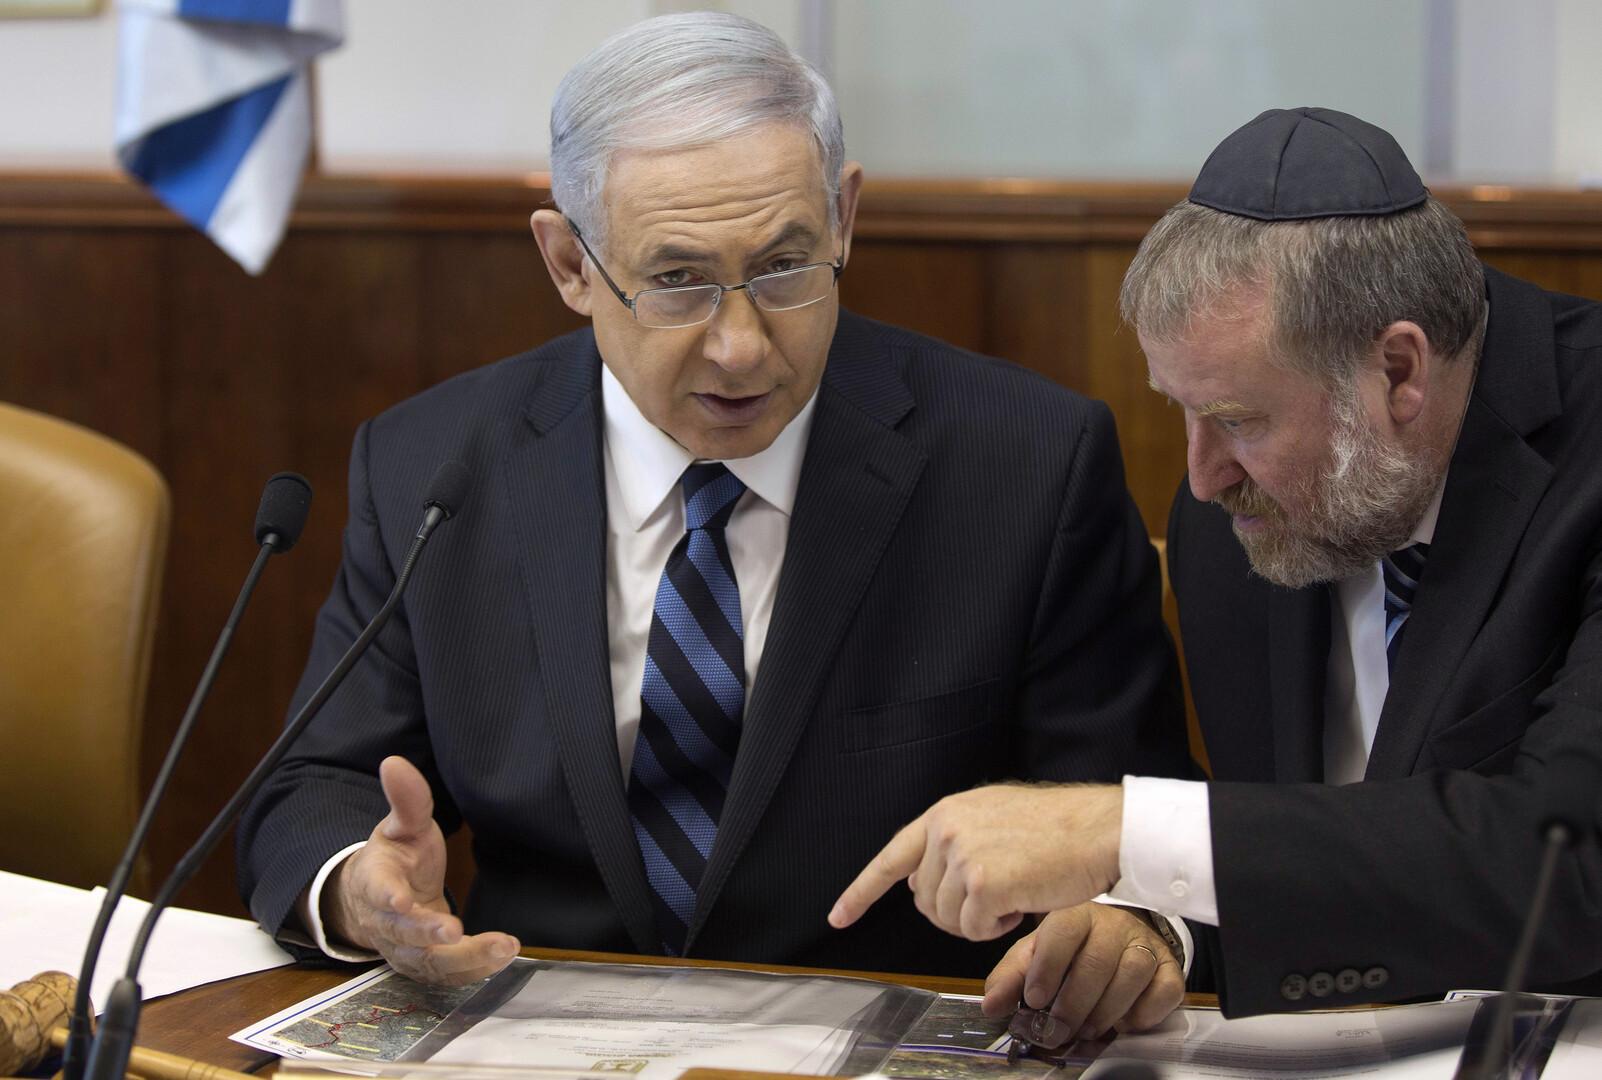 النائب العام الإسرائيلي يرفض طلب نتنياهو بث جلسة تمهيدية لمحاكمته على الهواء